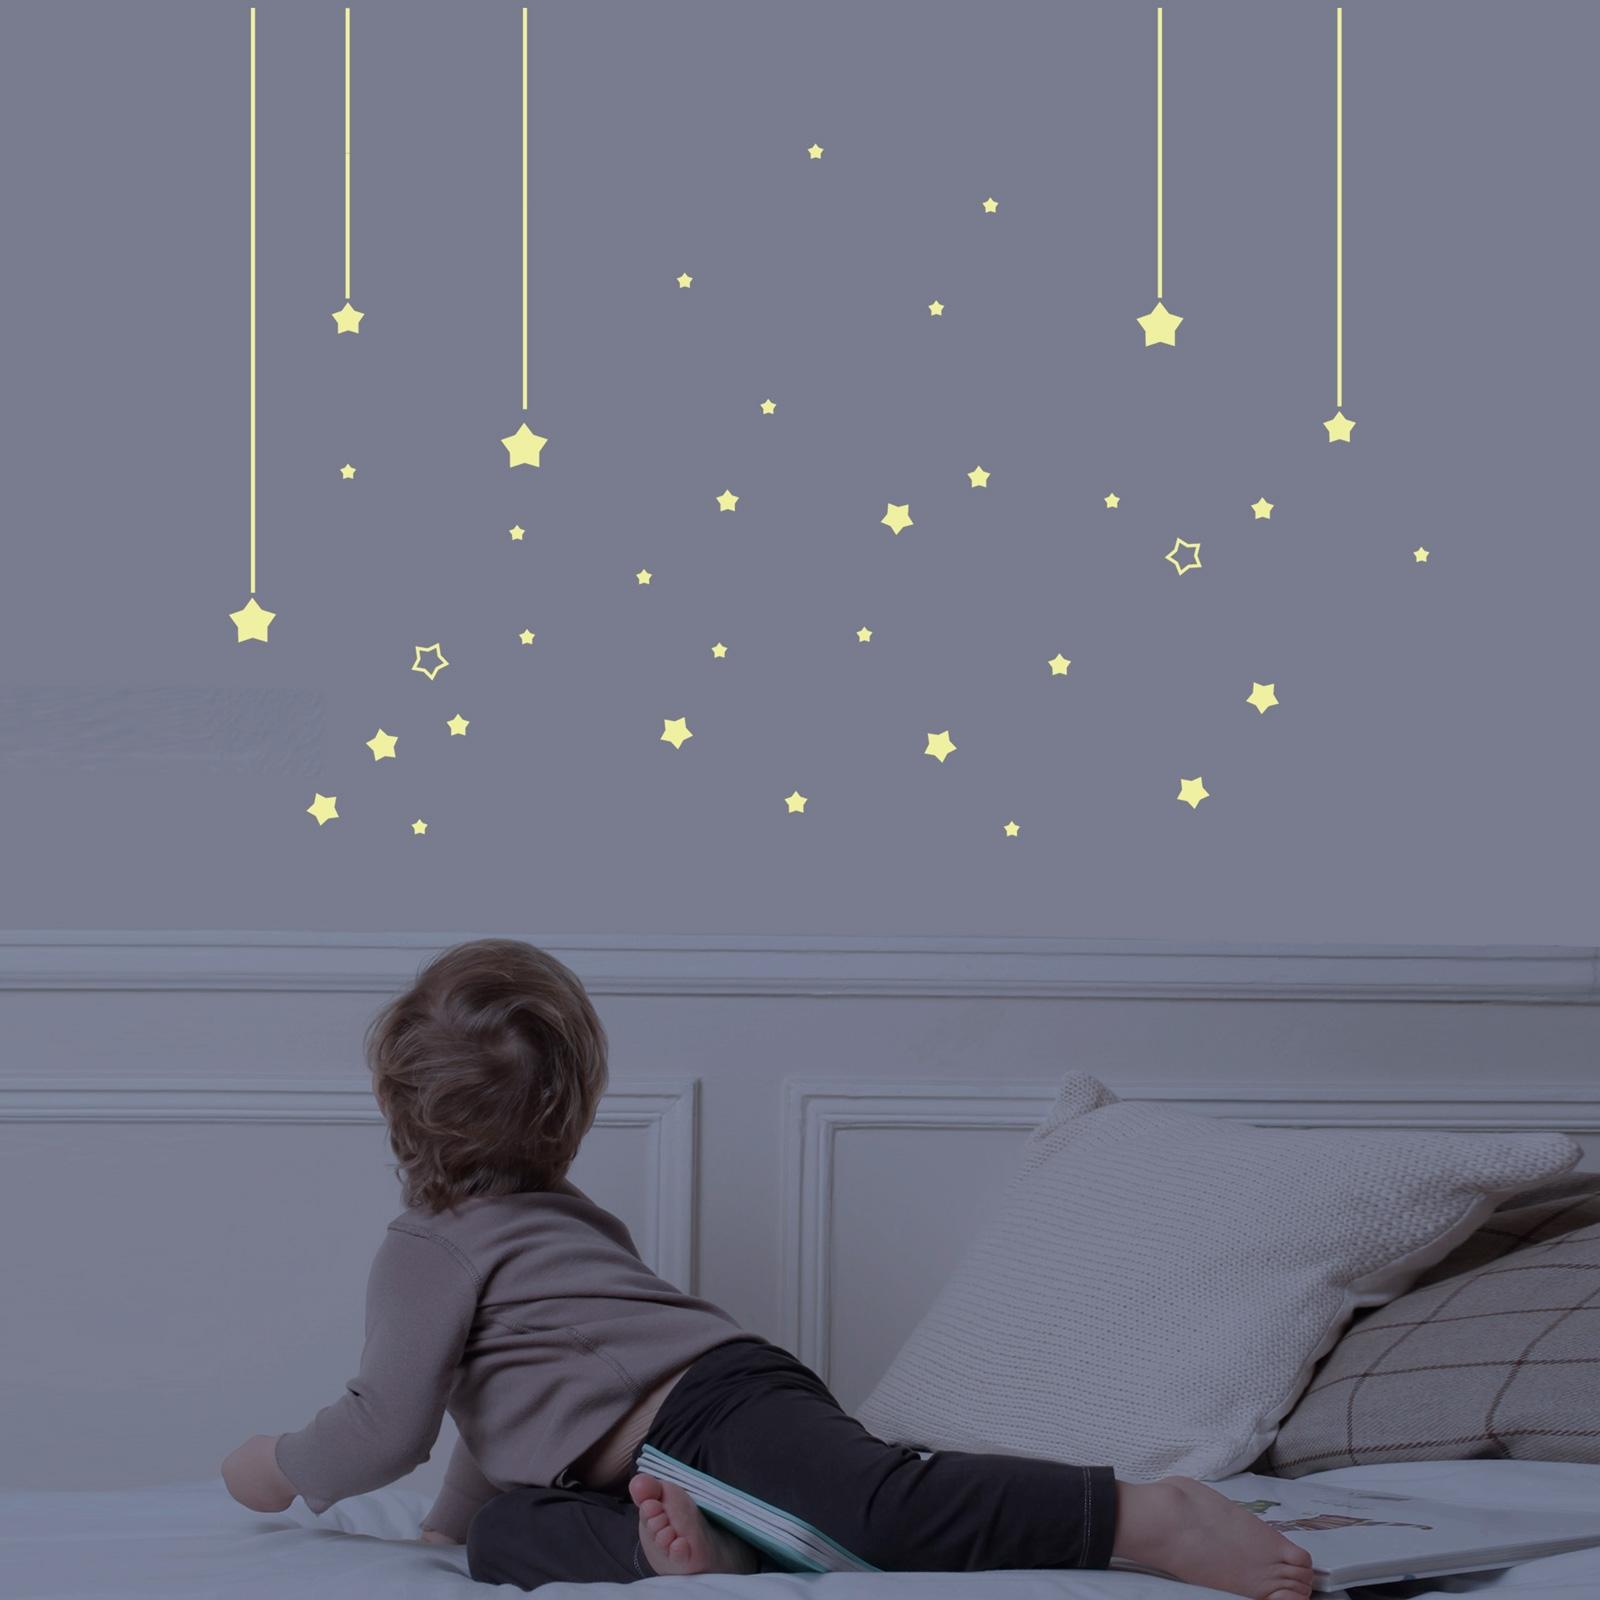 Chambre bébé étoile : décoration étoile pour chambre bébé garçon